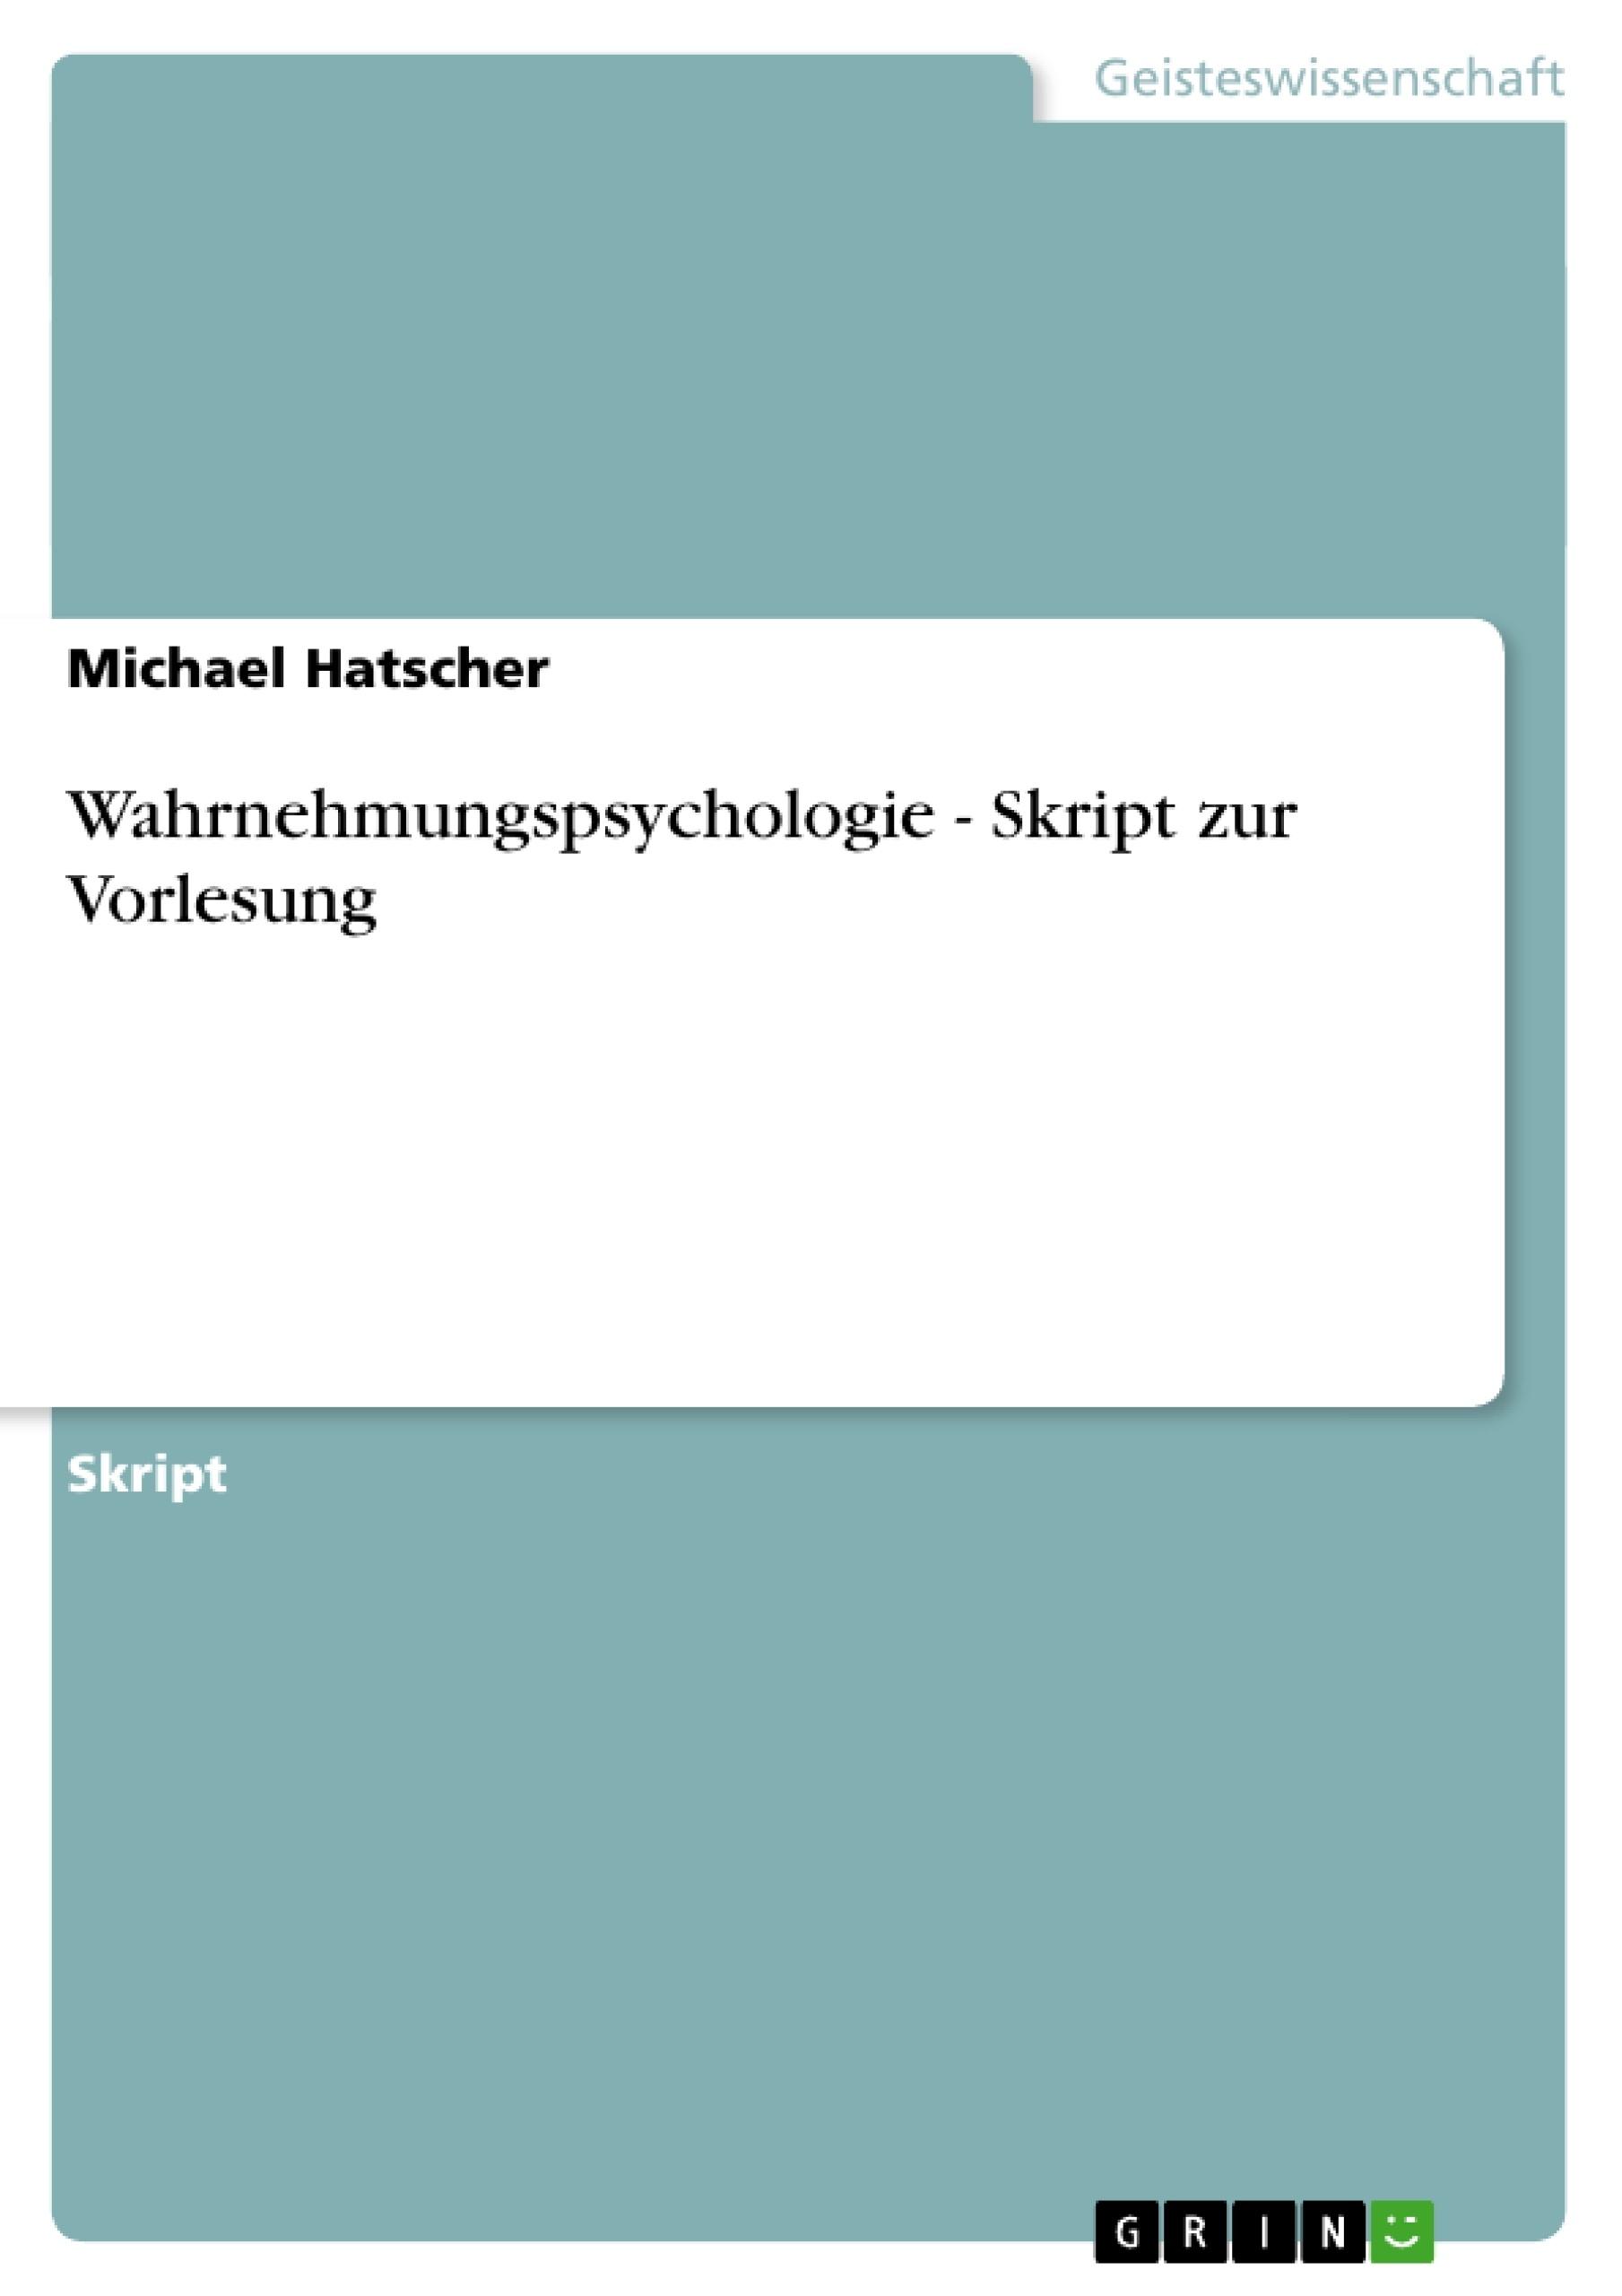 Titel: Wahrnehmungspsychologie - Skript zur Vorlesung